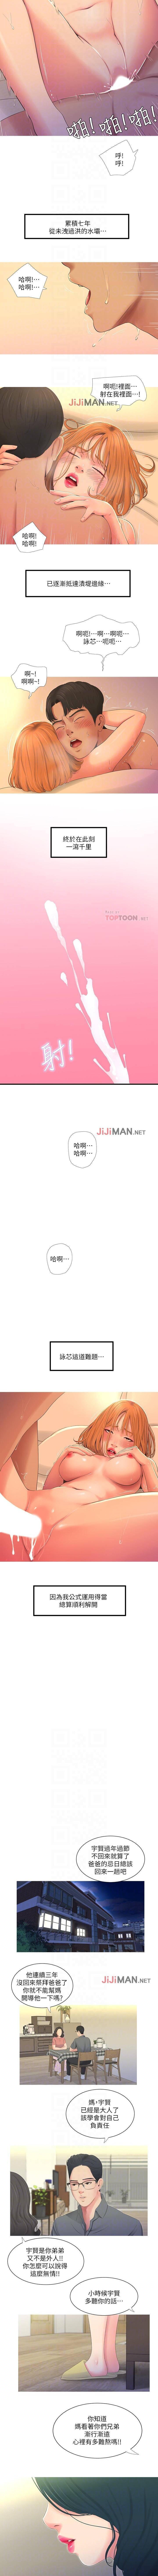 【周四连载】亲家四姐妹(作者:愛摸) 第1~27话 11